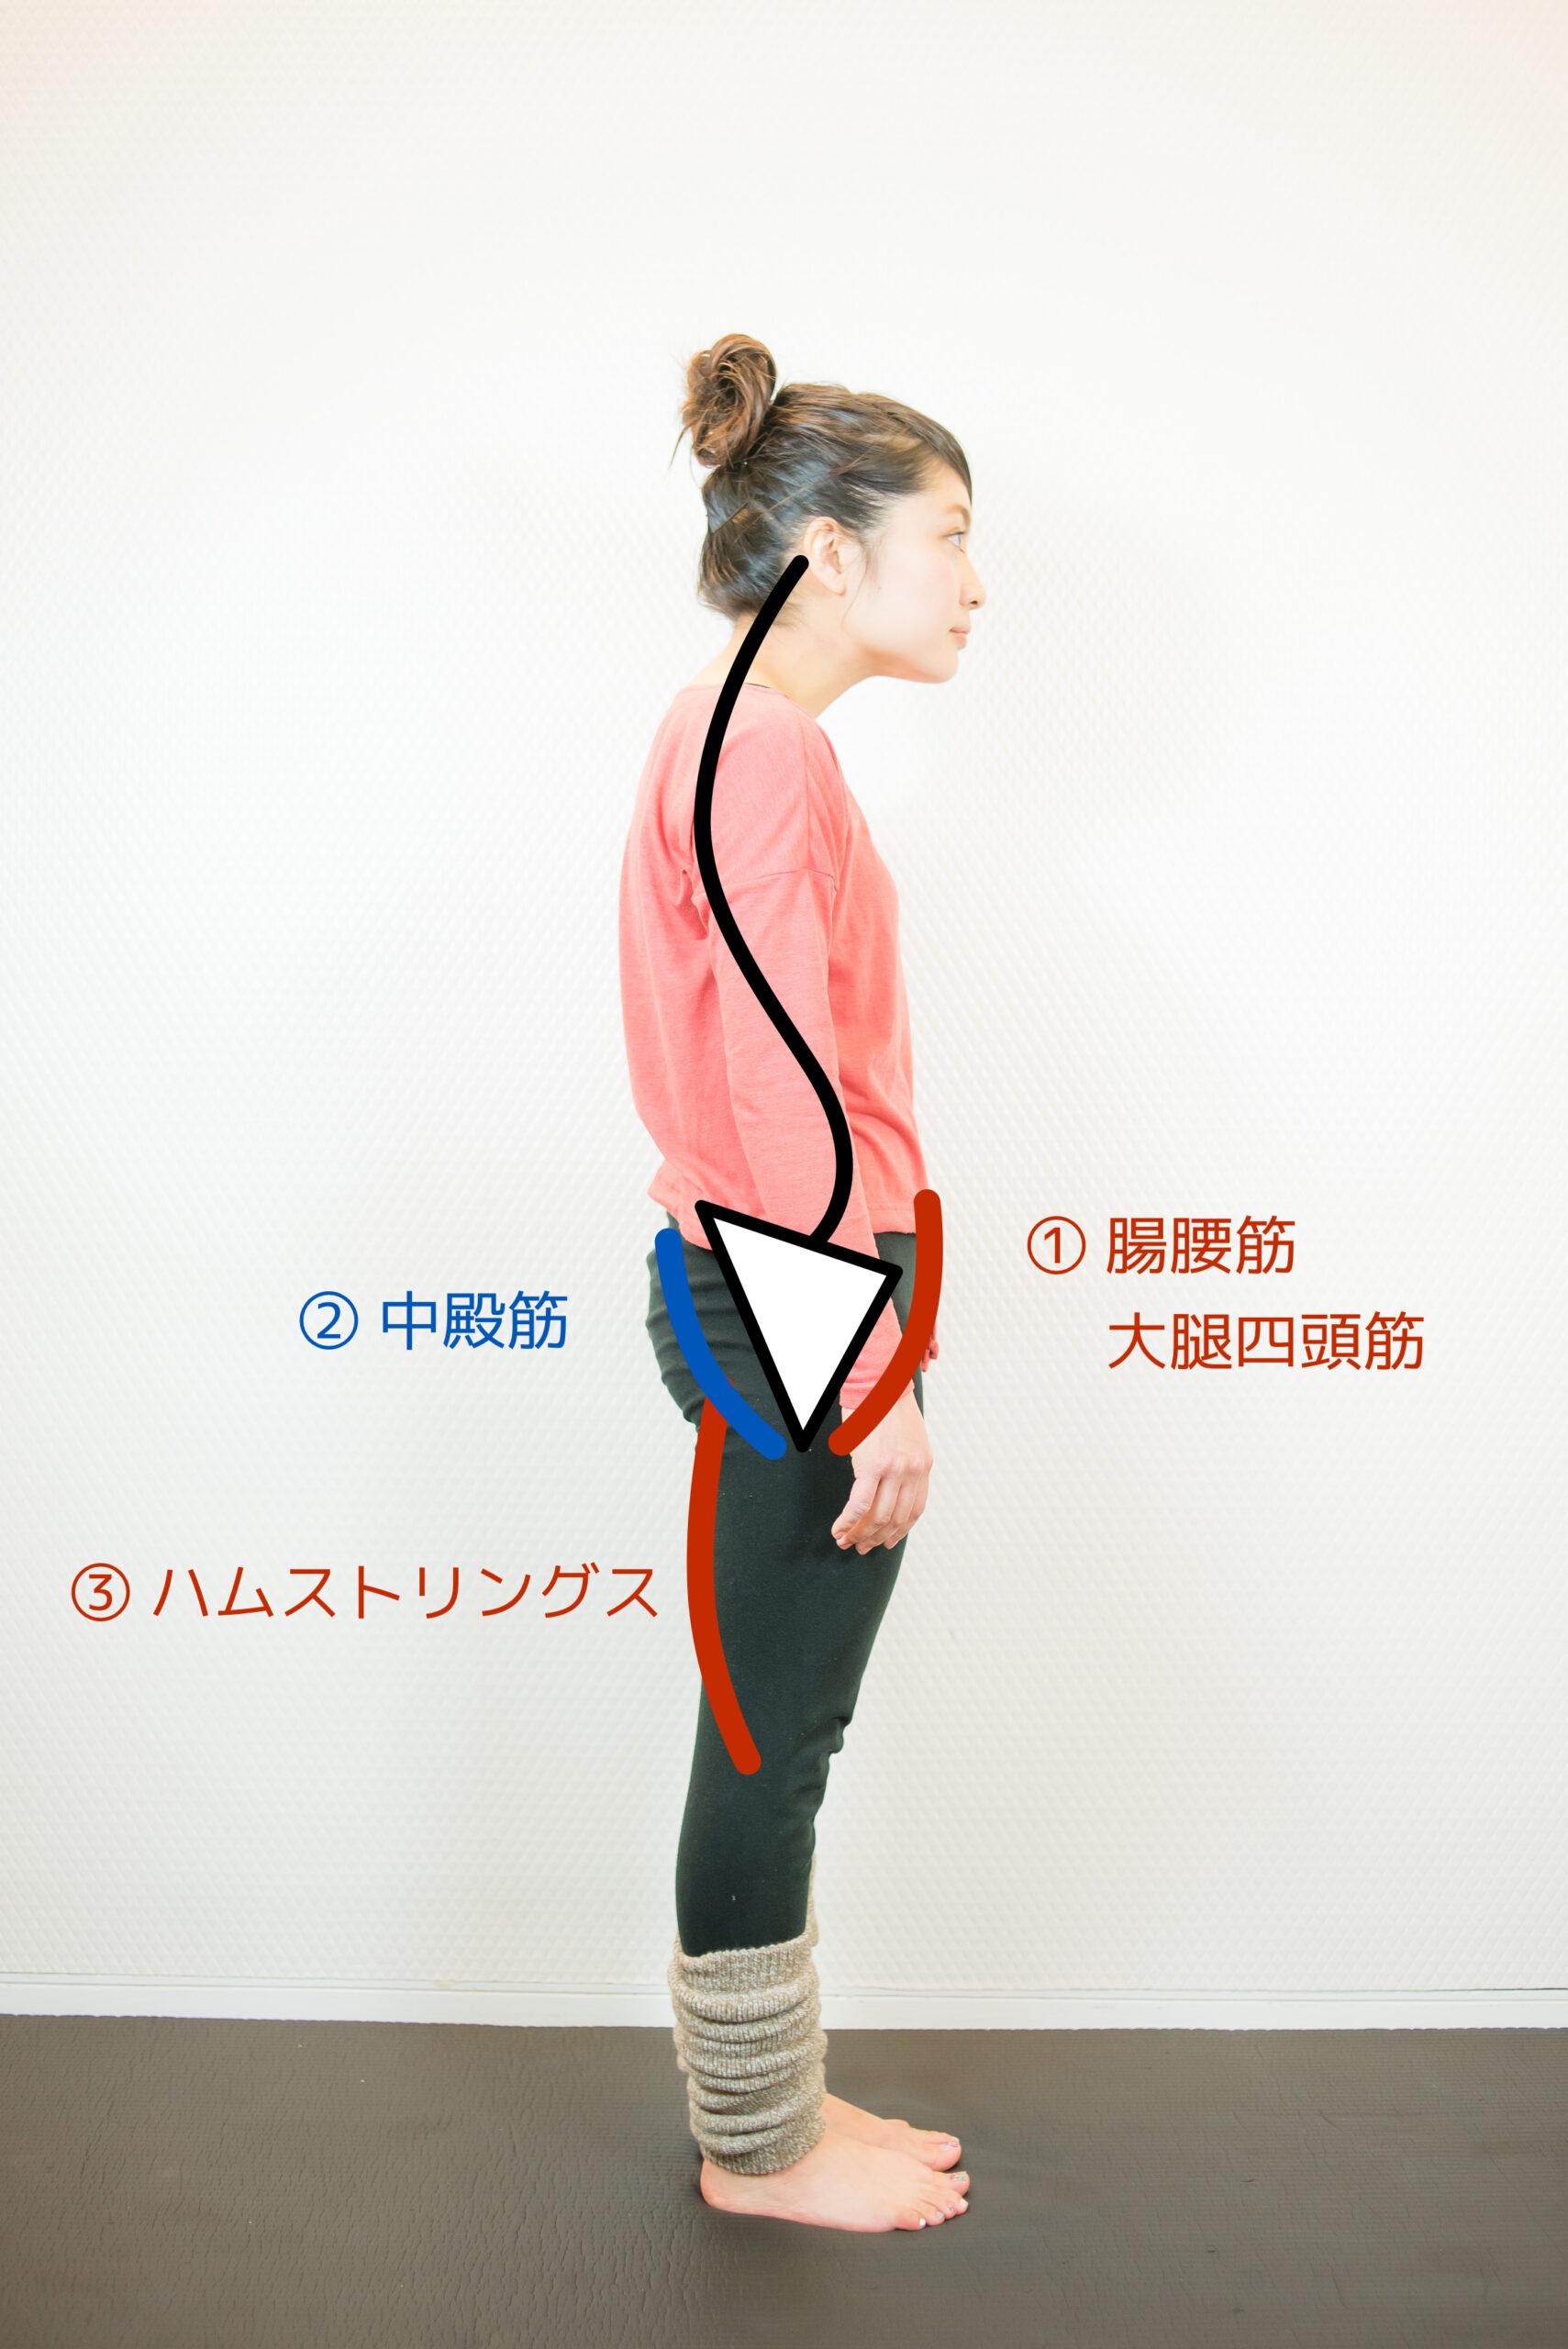 姿勢不良で固くなりやすい筋肉